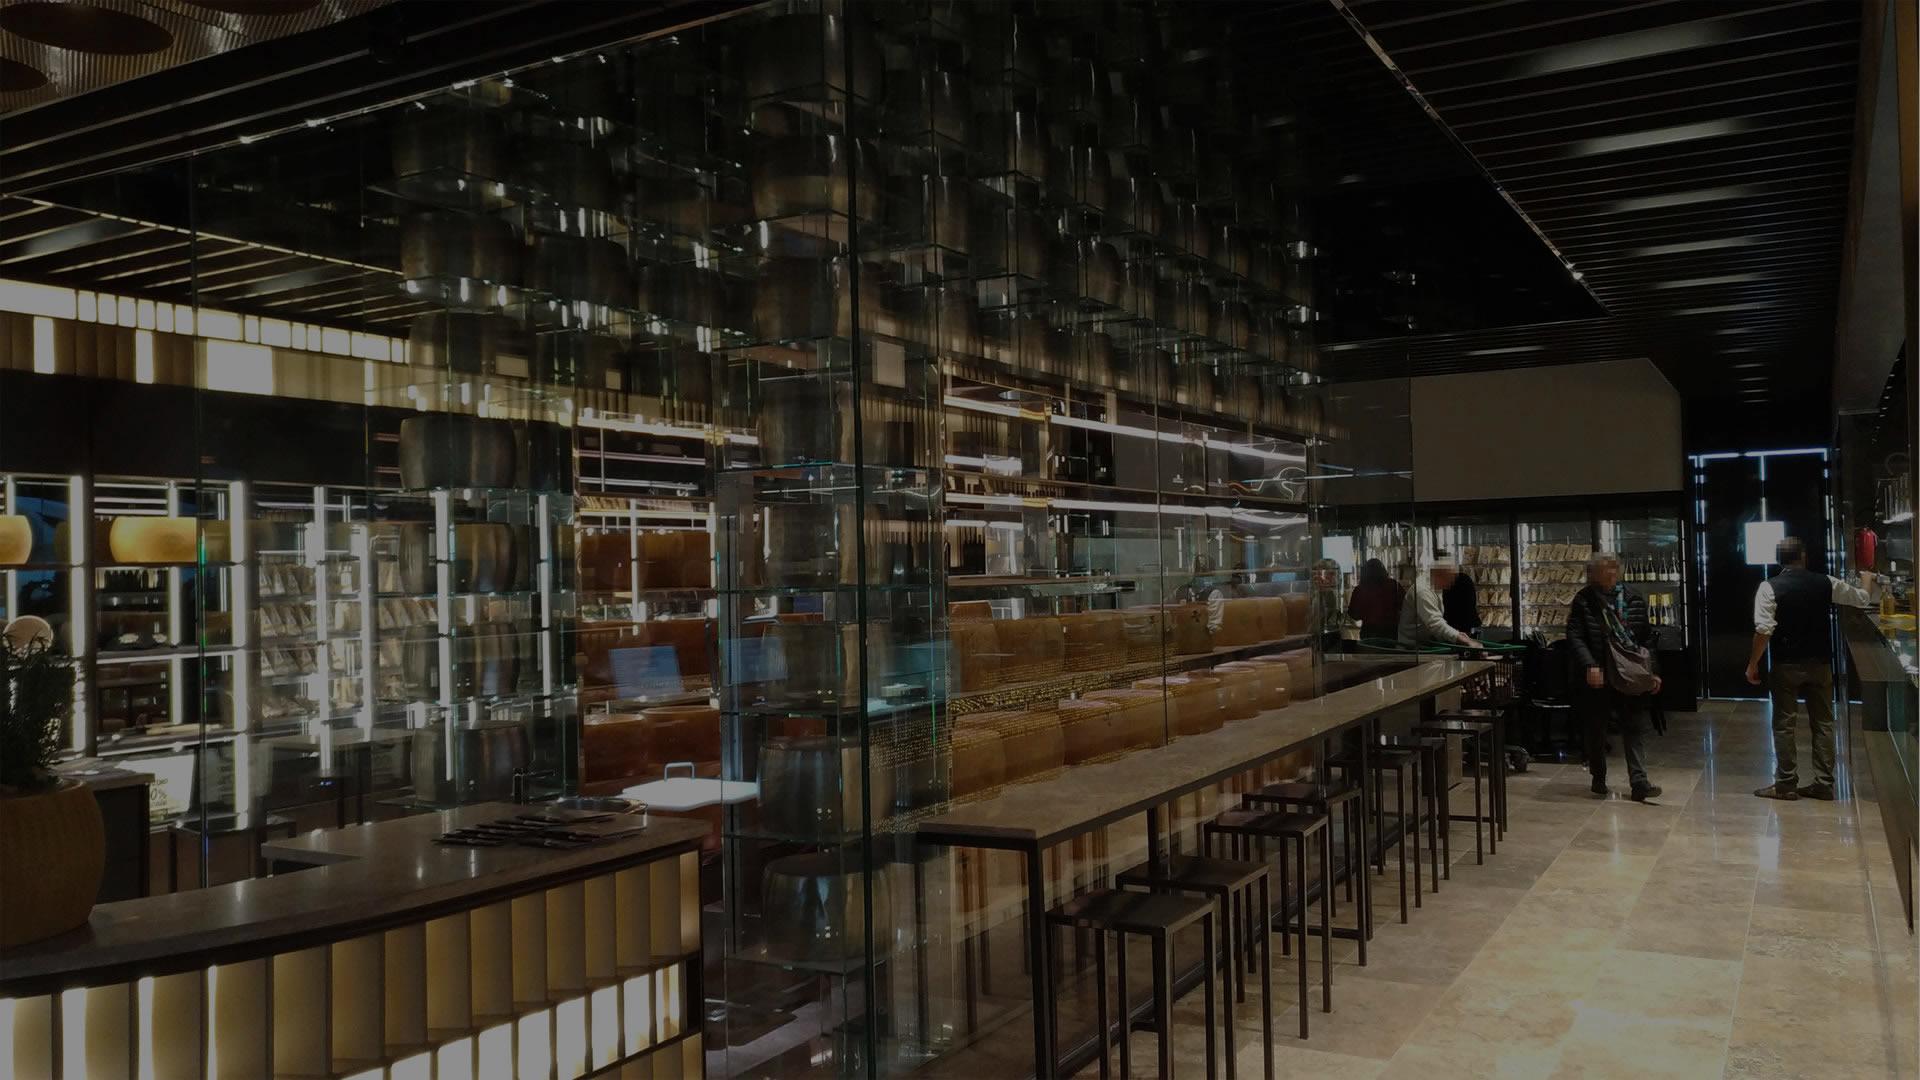 Arredamento su misura di bar ristorante, con vista sul bancone